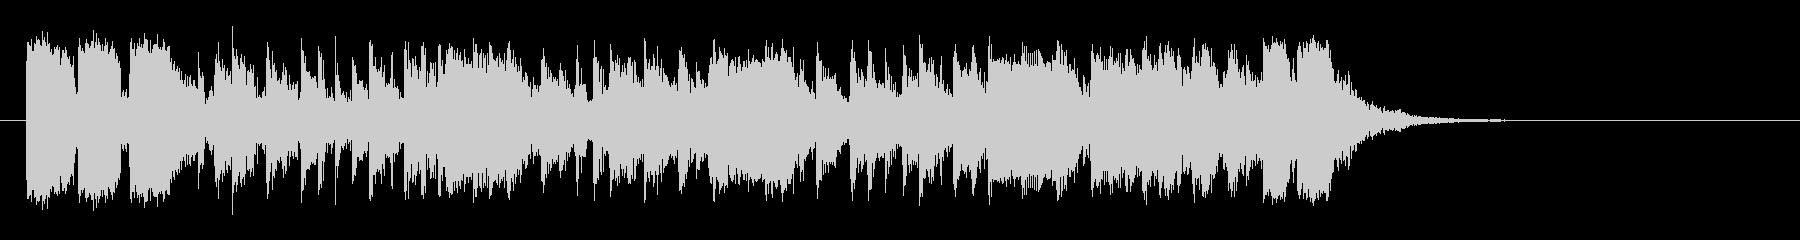 シネマティック コーポレート ファンキーの未再生の波形